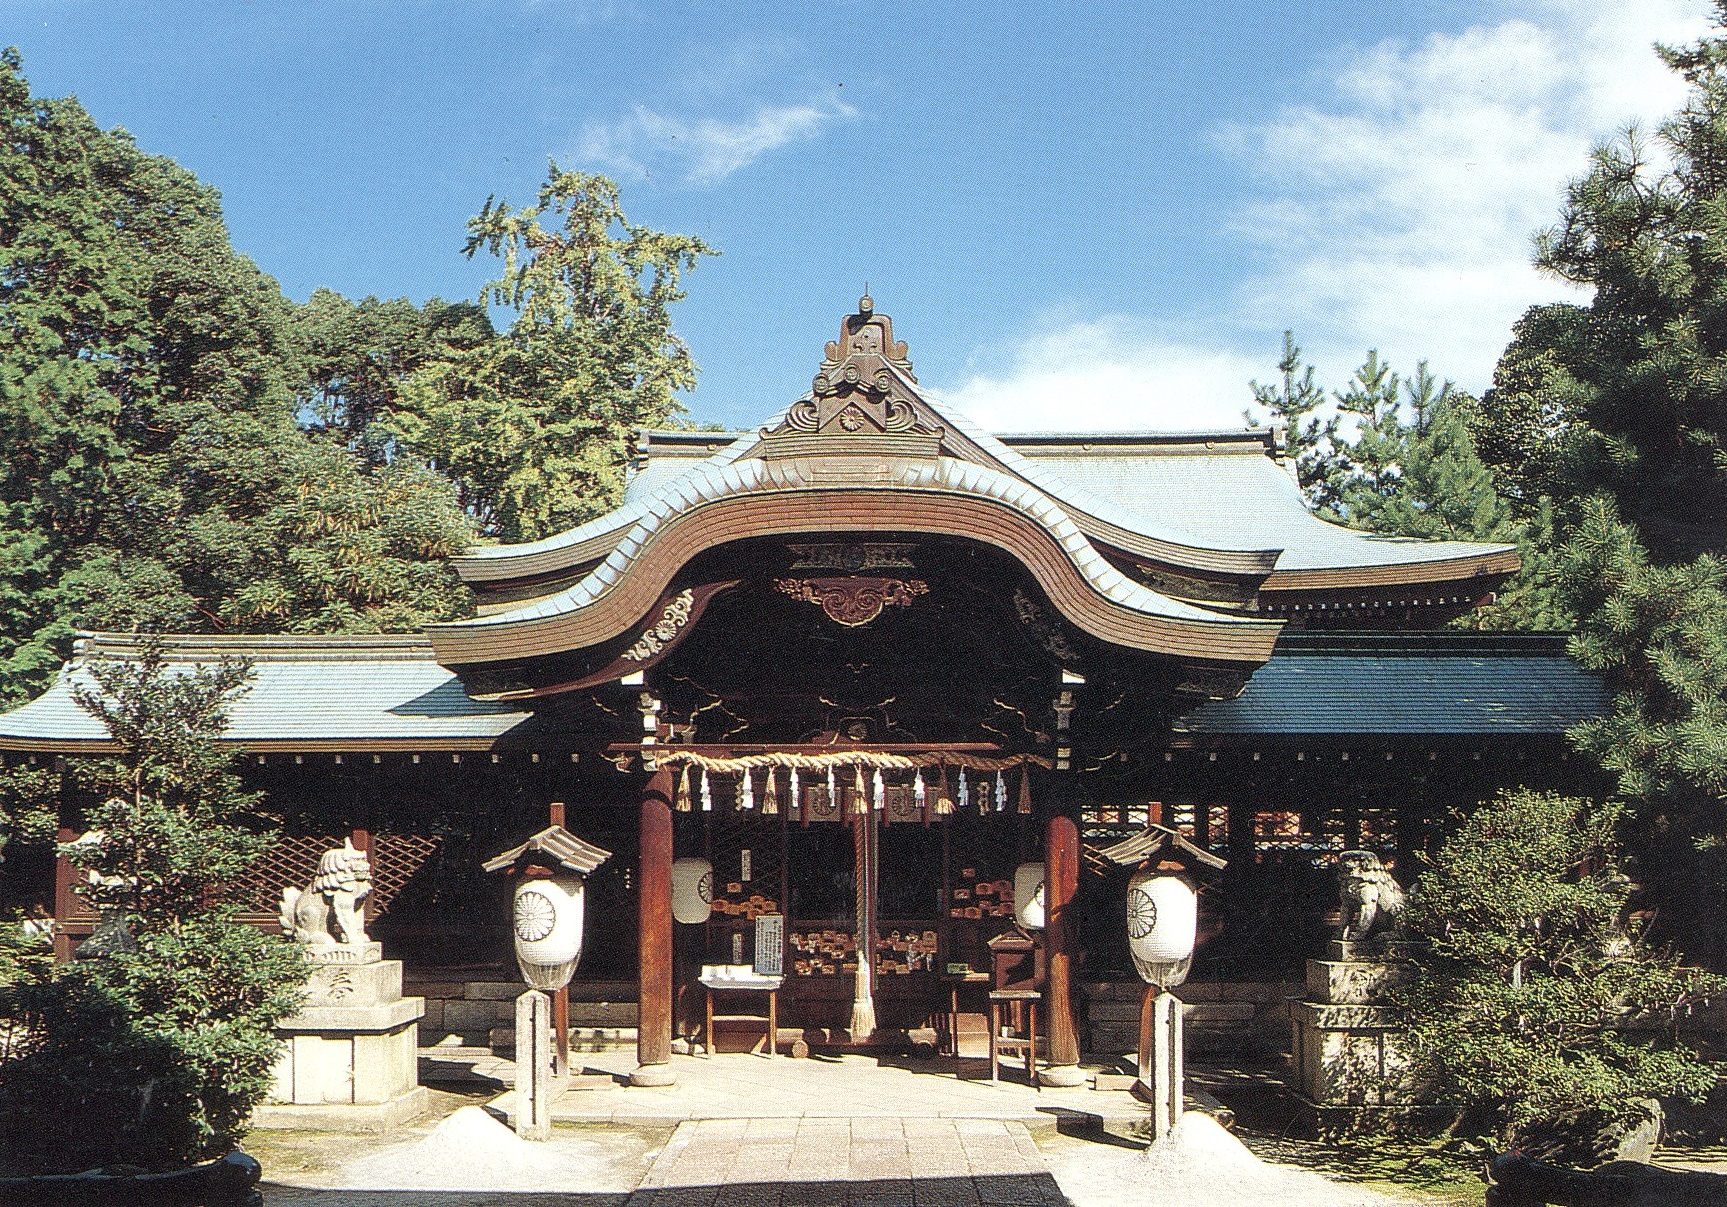 御靈神社 上御霊神社での挙式案内 | 神社結婚式プロデュース 京鐘